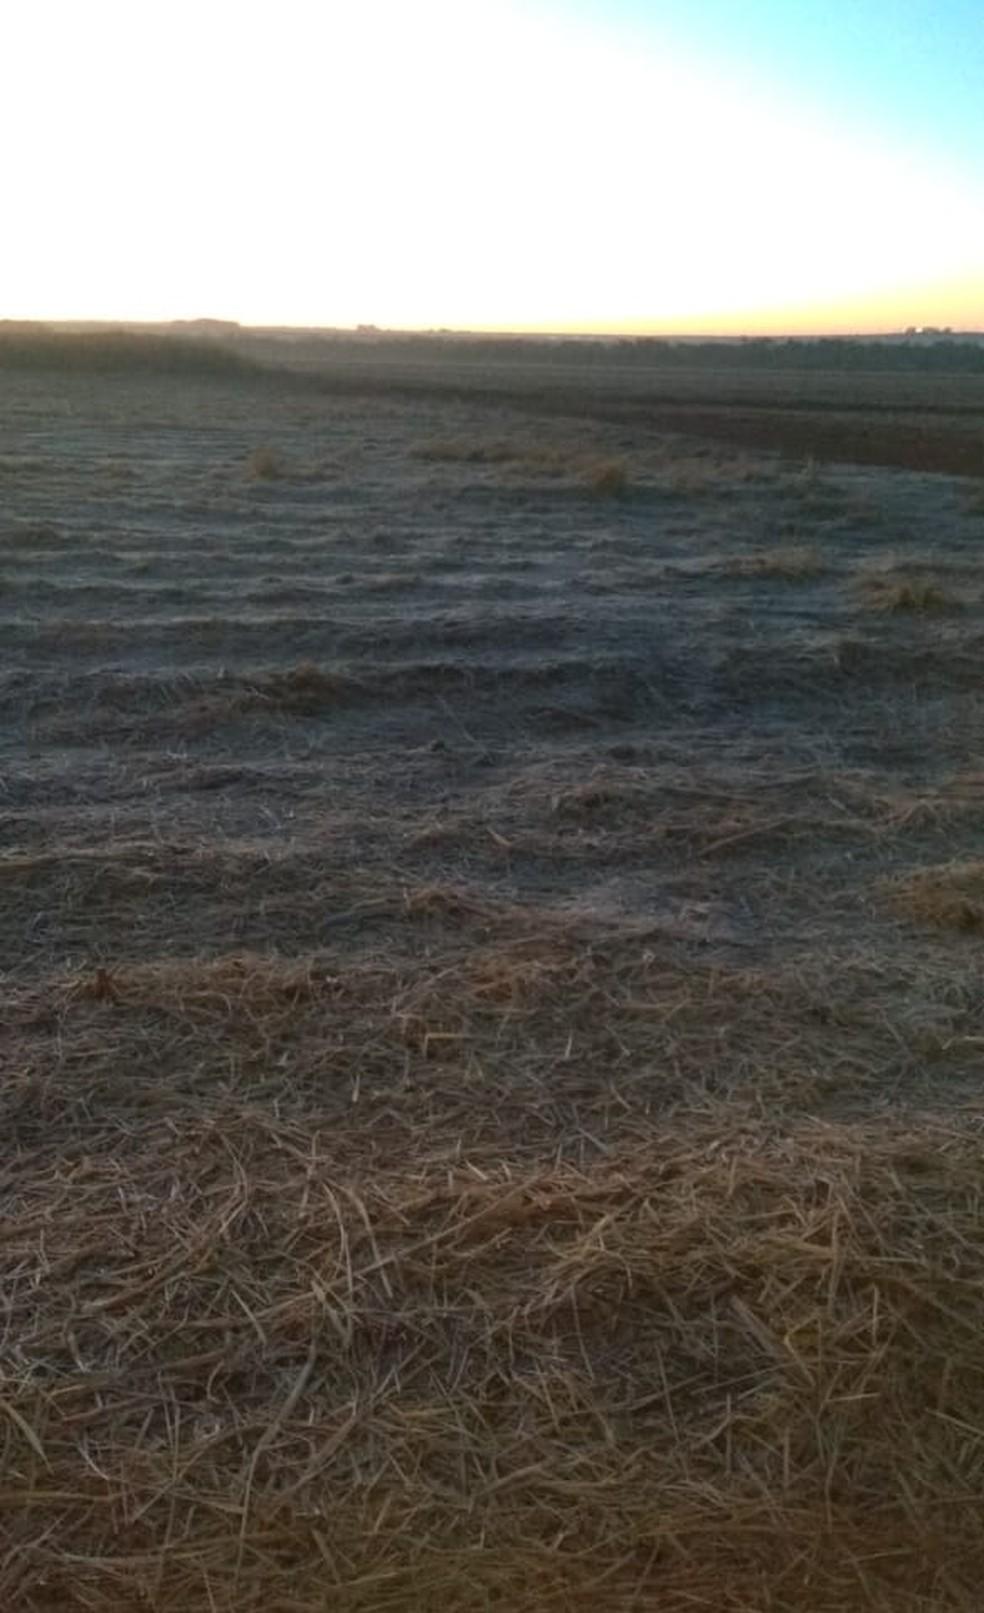 Geada atingiu pastagens principalmente no sul do estado   Foto: Jeferson Alencar/Arquivo pessoal